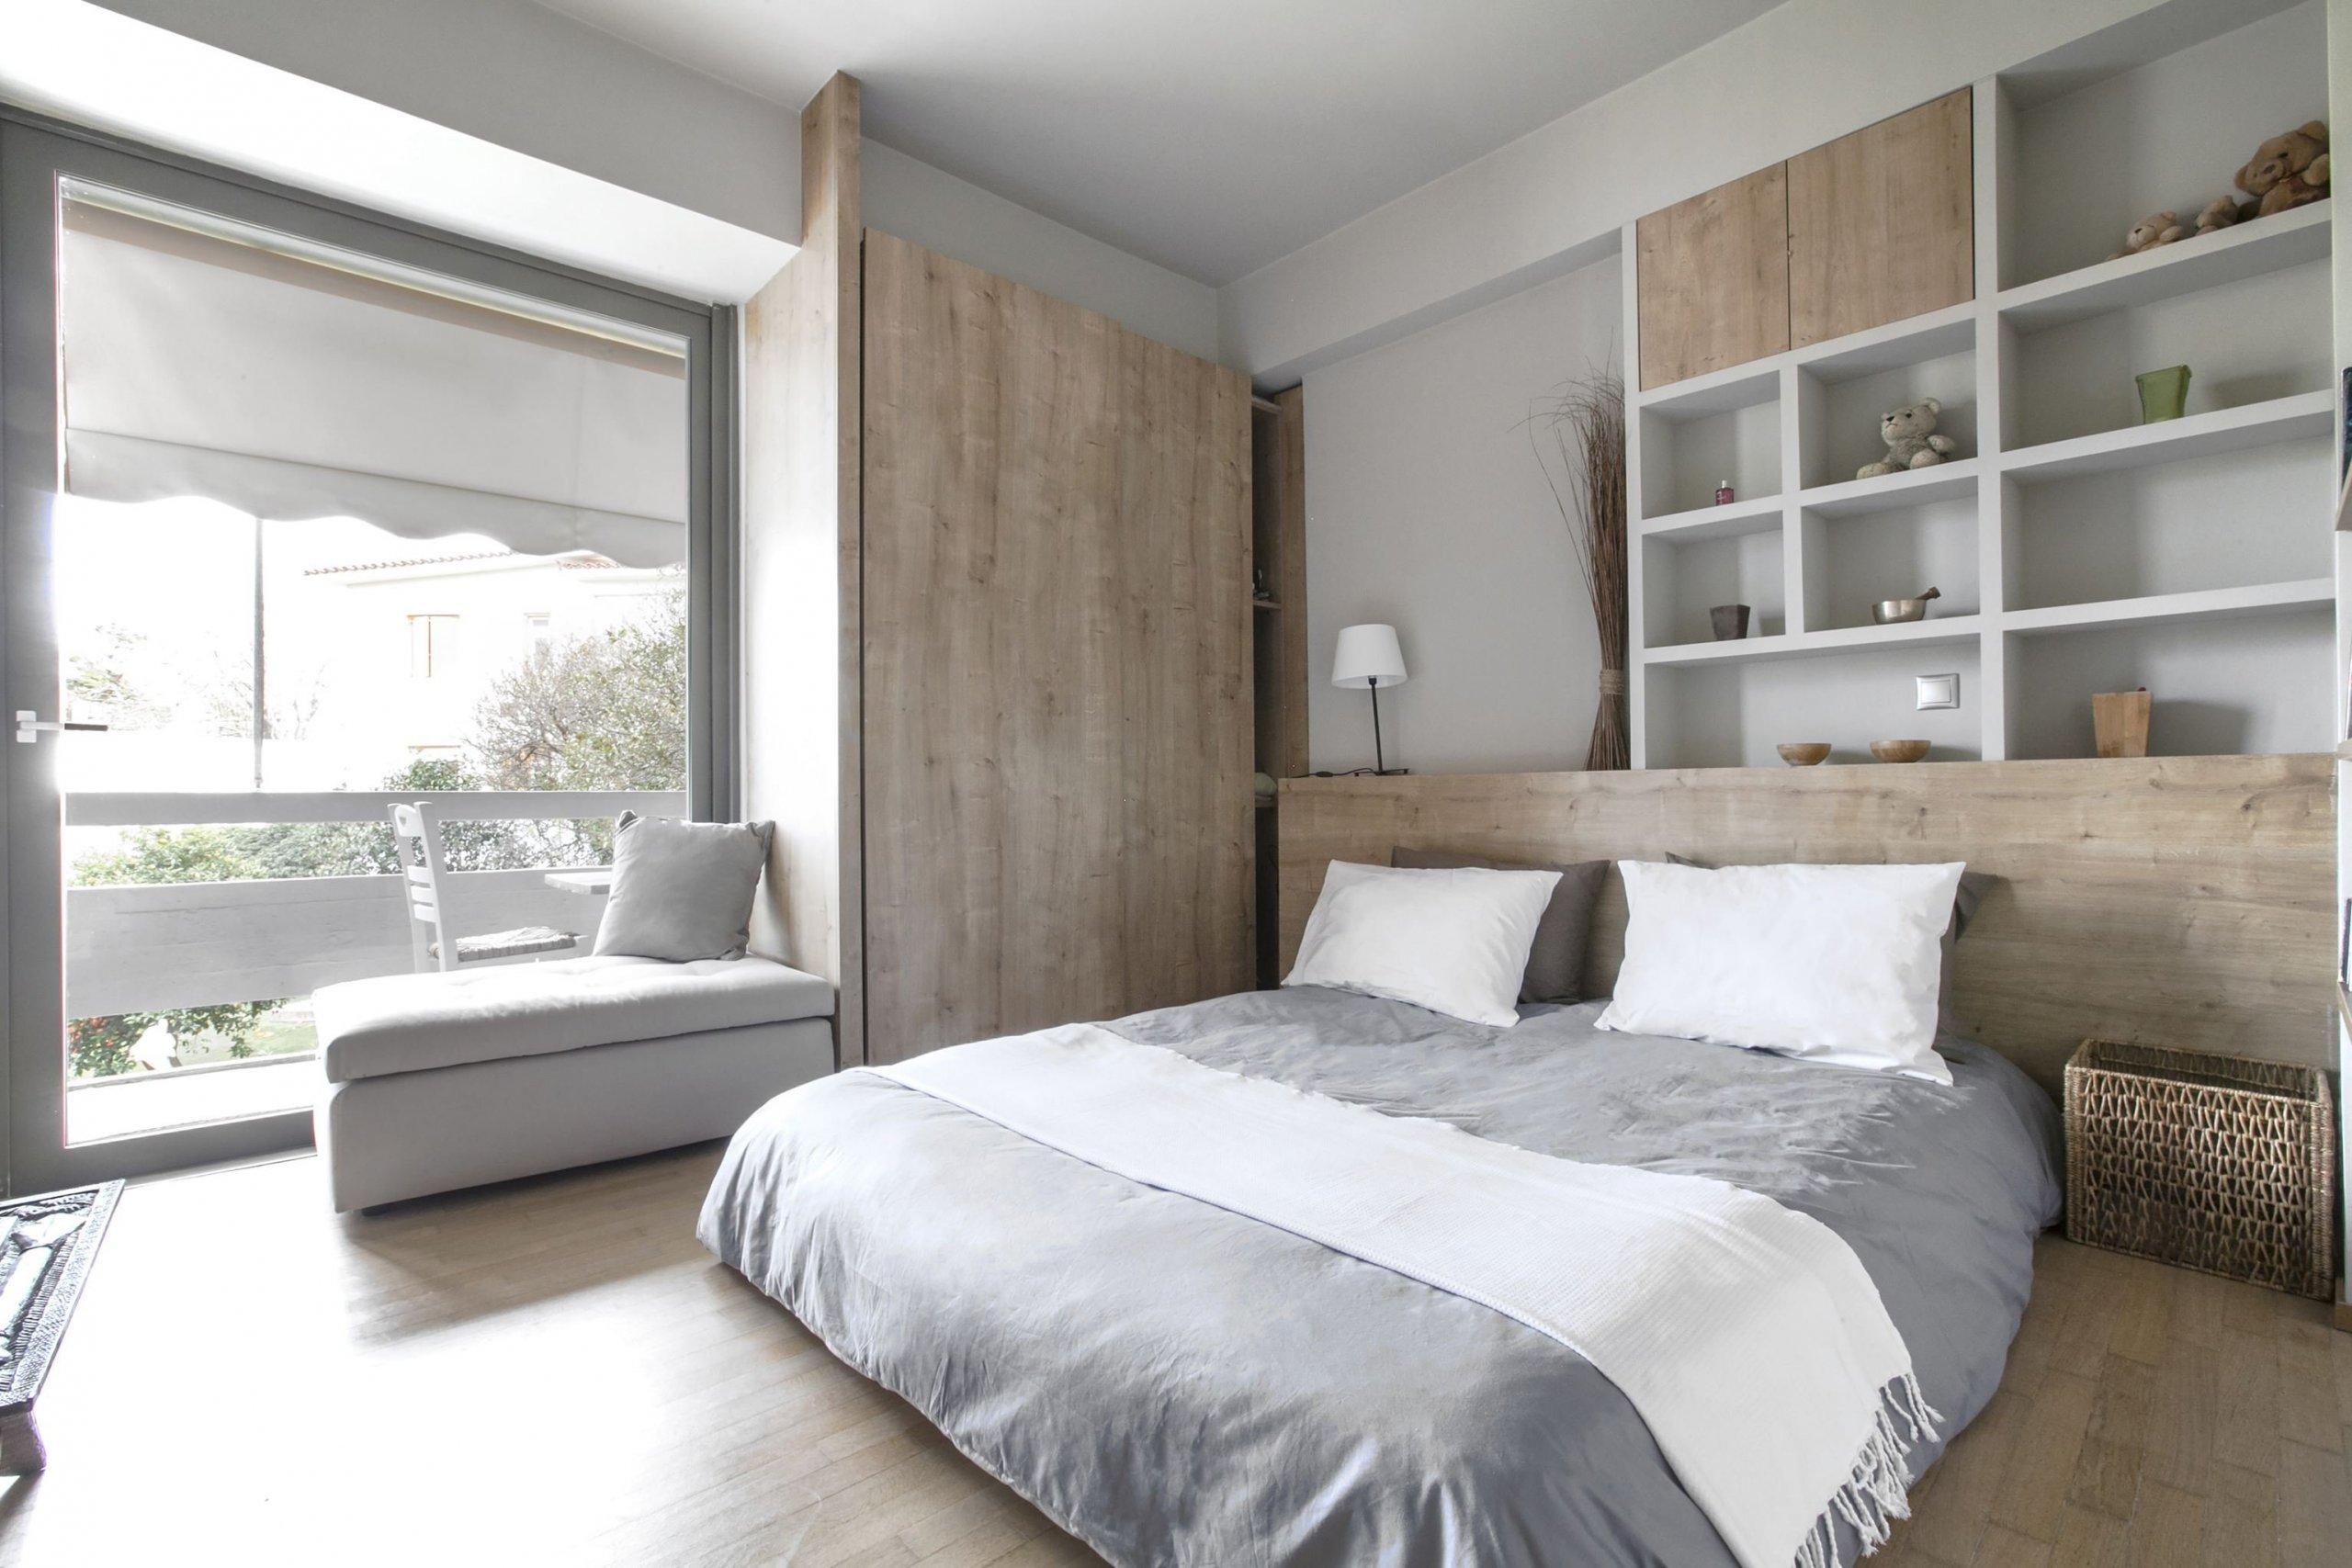 Bílá barva je v moderních interiérech nejen trendy, ale často také nezbytnou součástí pro vytvoření dokonalé a příjemné kompozice. Bílý interiér je přímo ideálním místem pro odpočinek a relax, a to nejen kvůli tomu, že bílá symbolizuje čistotu a harmonii, ale především díky obrovskému množství možností, které interiér s dominantní bílou barvou nabízí.